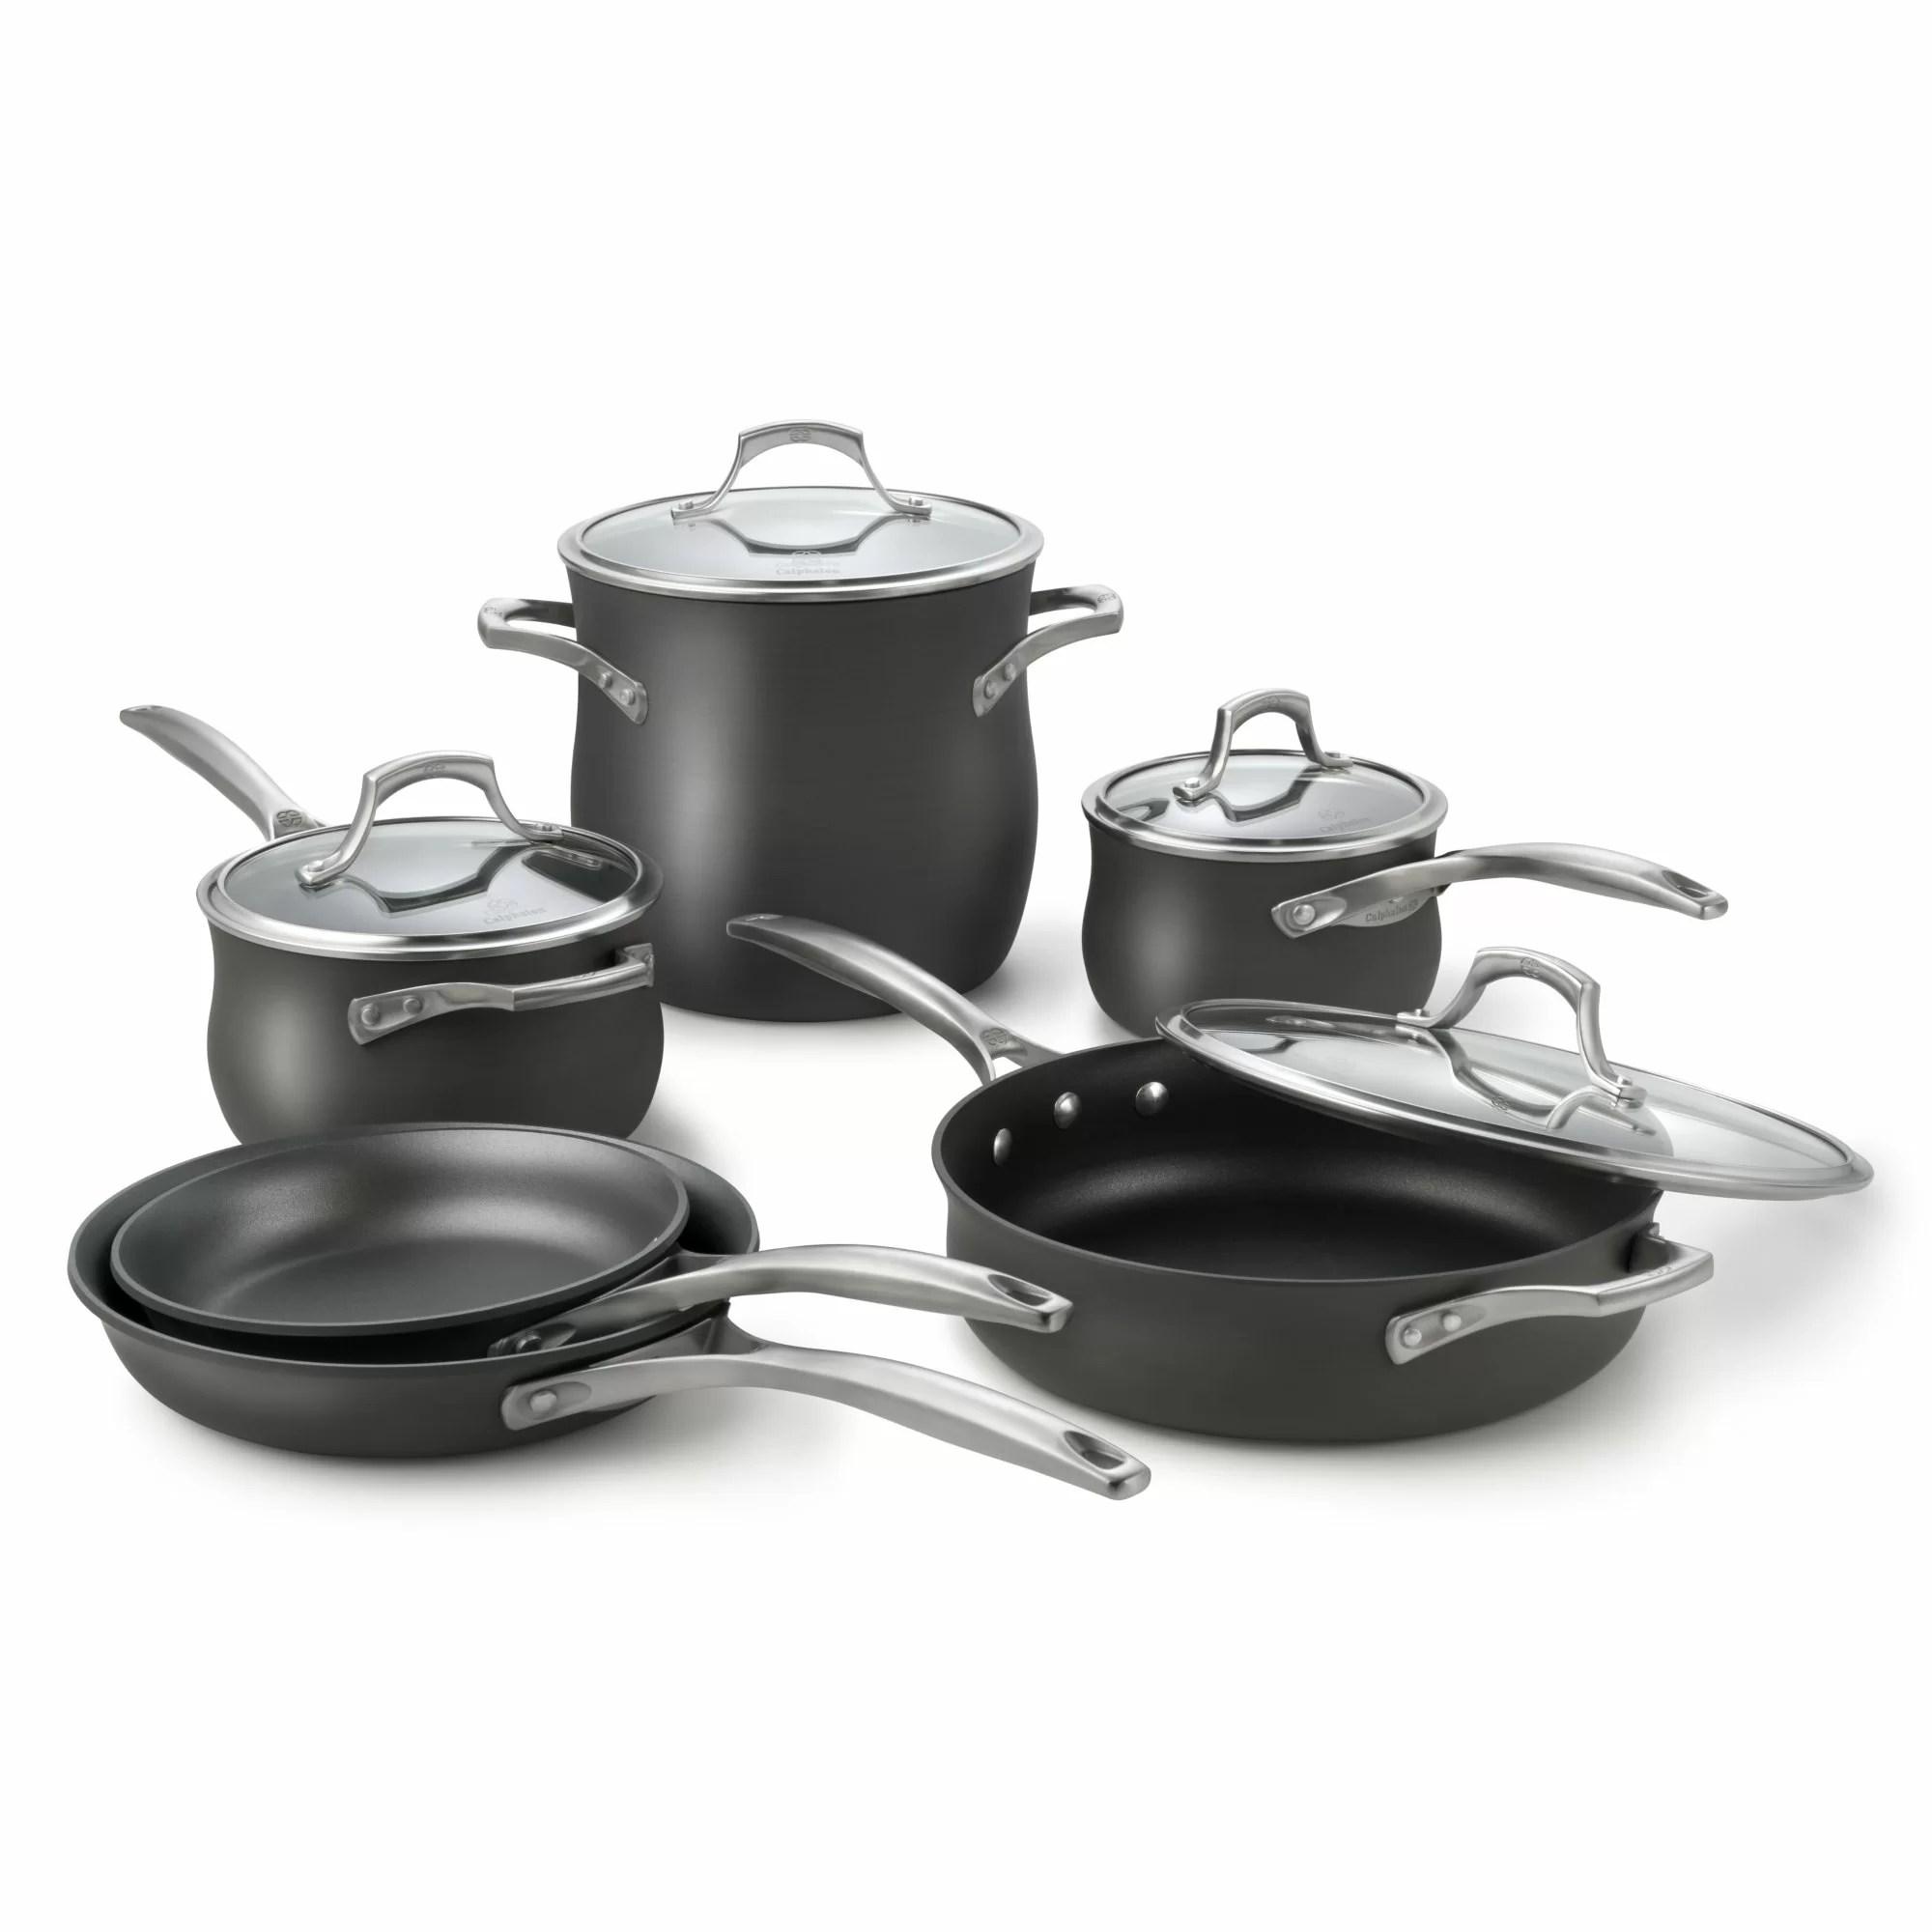 calphalon kitchen essentials electric appliances unison nonstick 10 piece cookware set and reviews